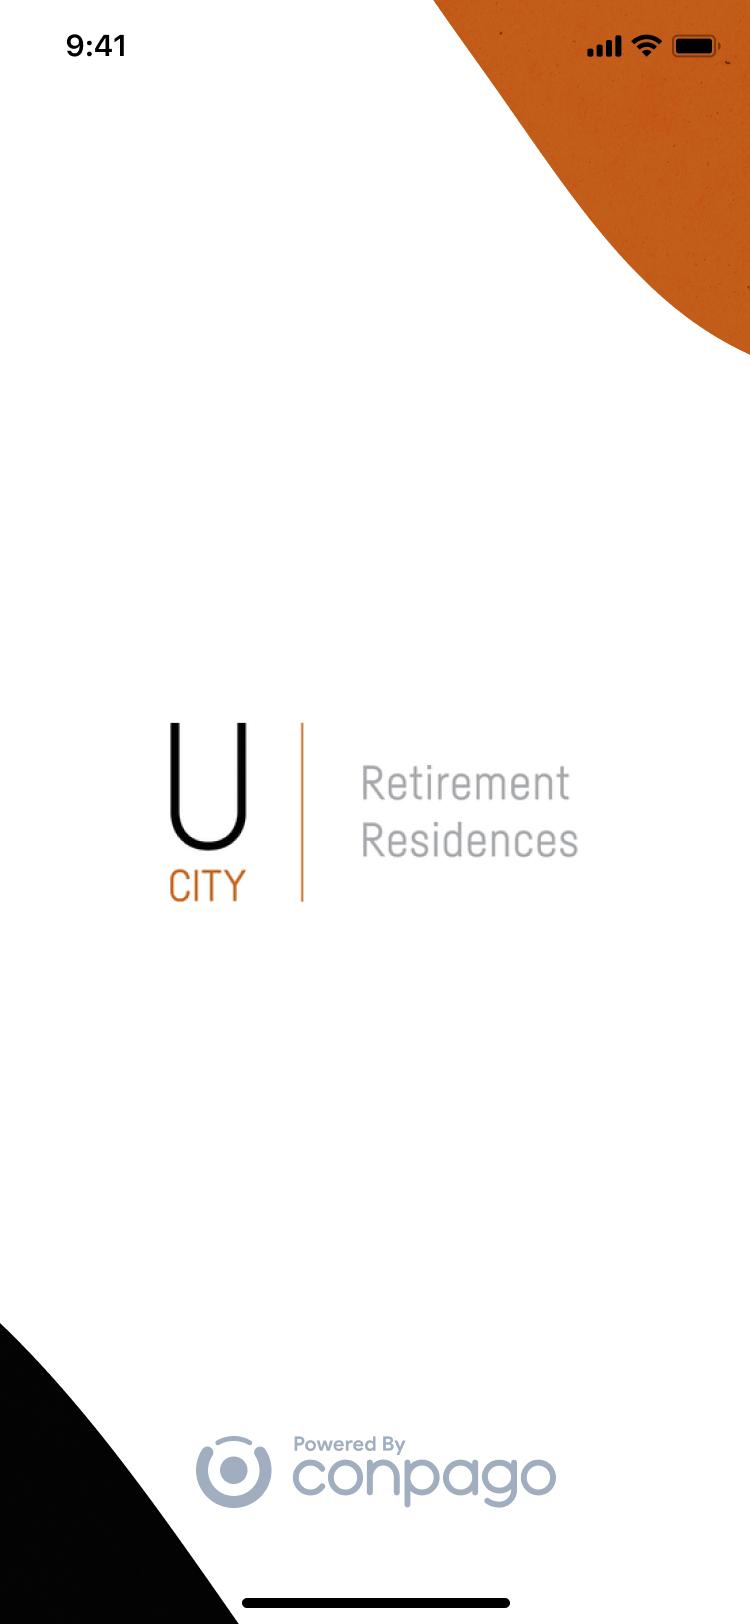 U City